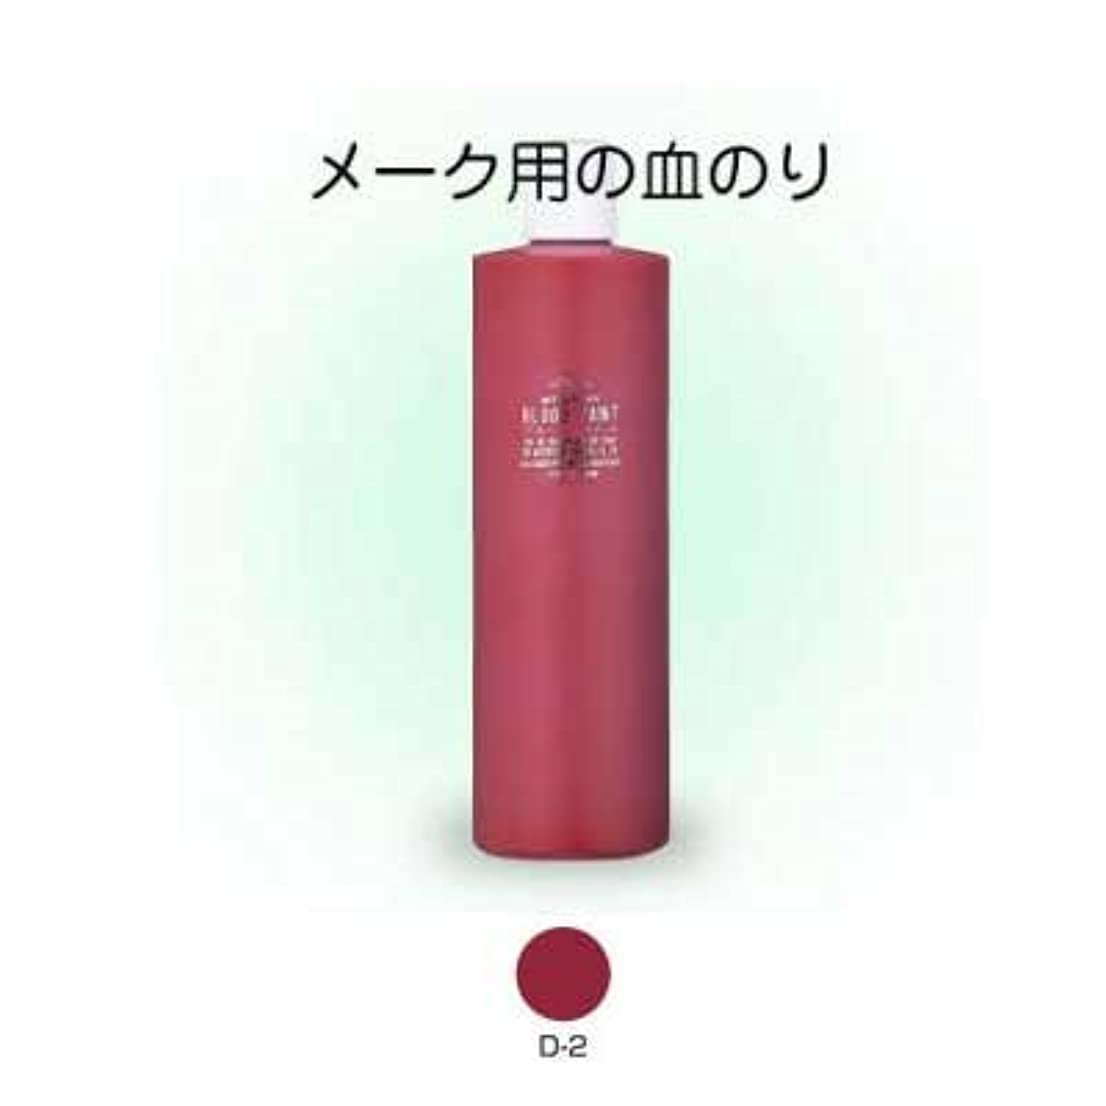 スタウト分徐々にブロードペイント(メークアップ用の血のり)500ml D-2【三善】